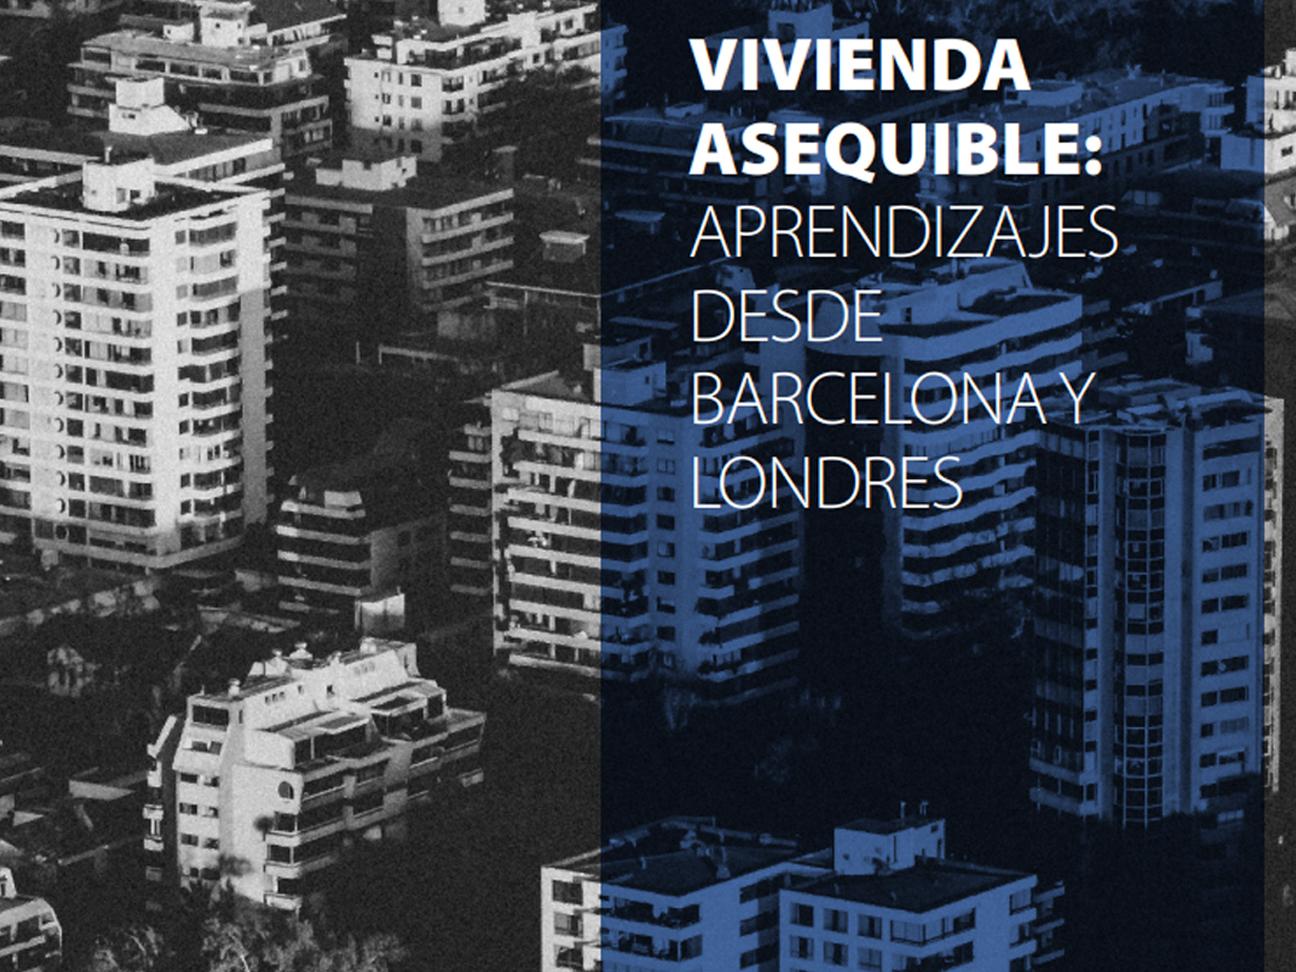 Vivienda asequible: aprendizajes desde Barcelona y Londres